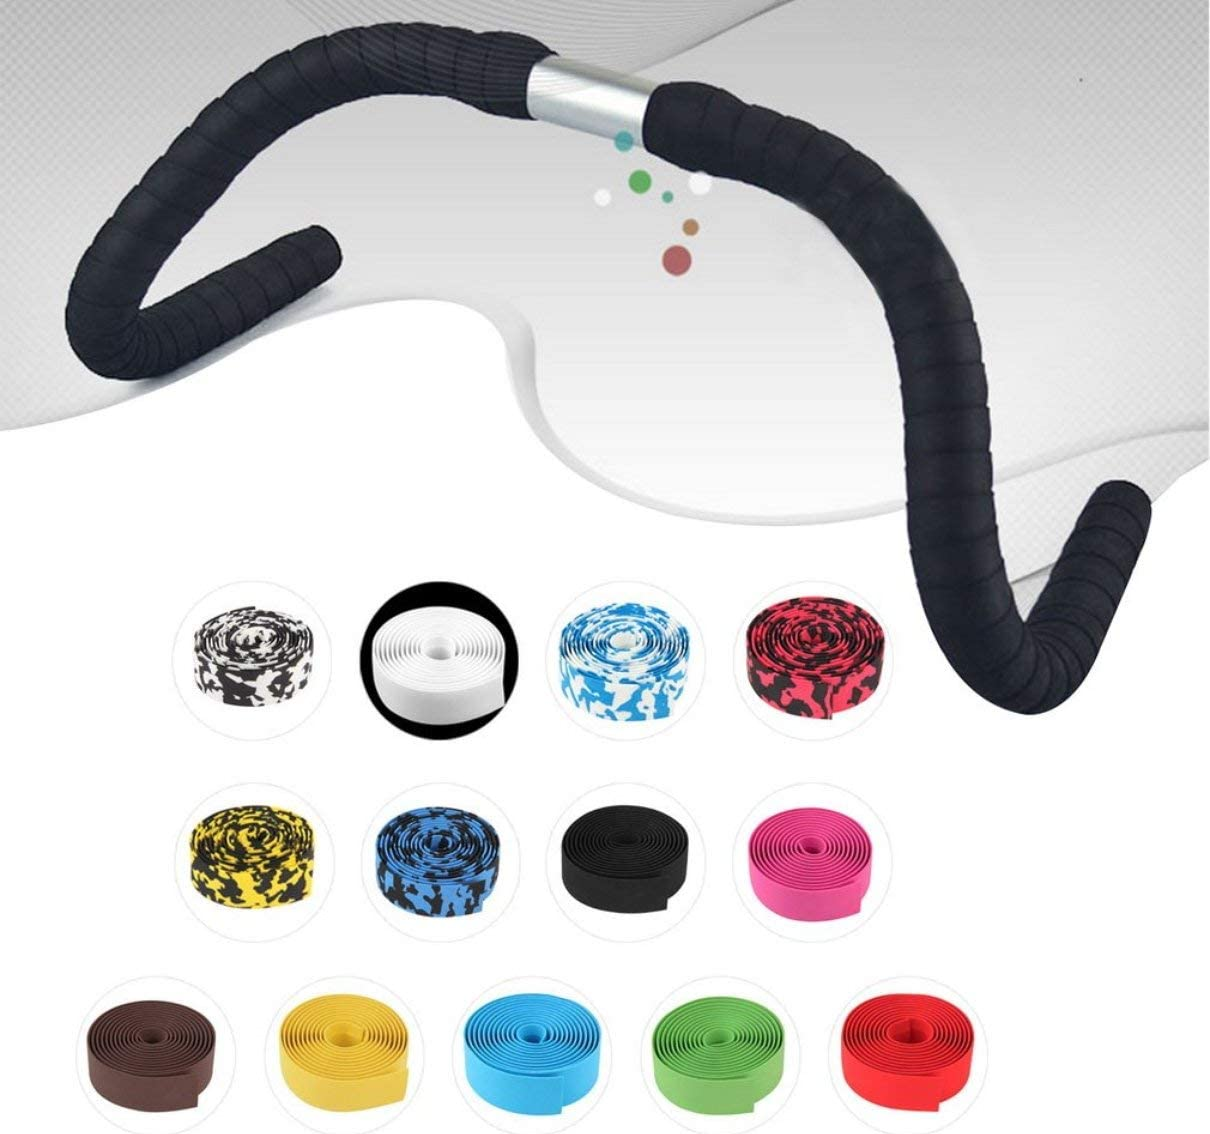 Togames 2 Bar Gratuit Haute Qualit/é Color/é V/élo Poign/ée Ceinture V/élo V/élo Li/ège Guidon Tape Wrap